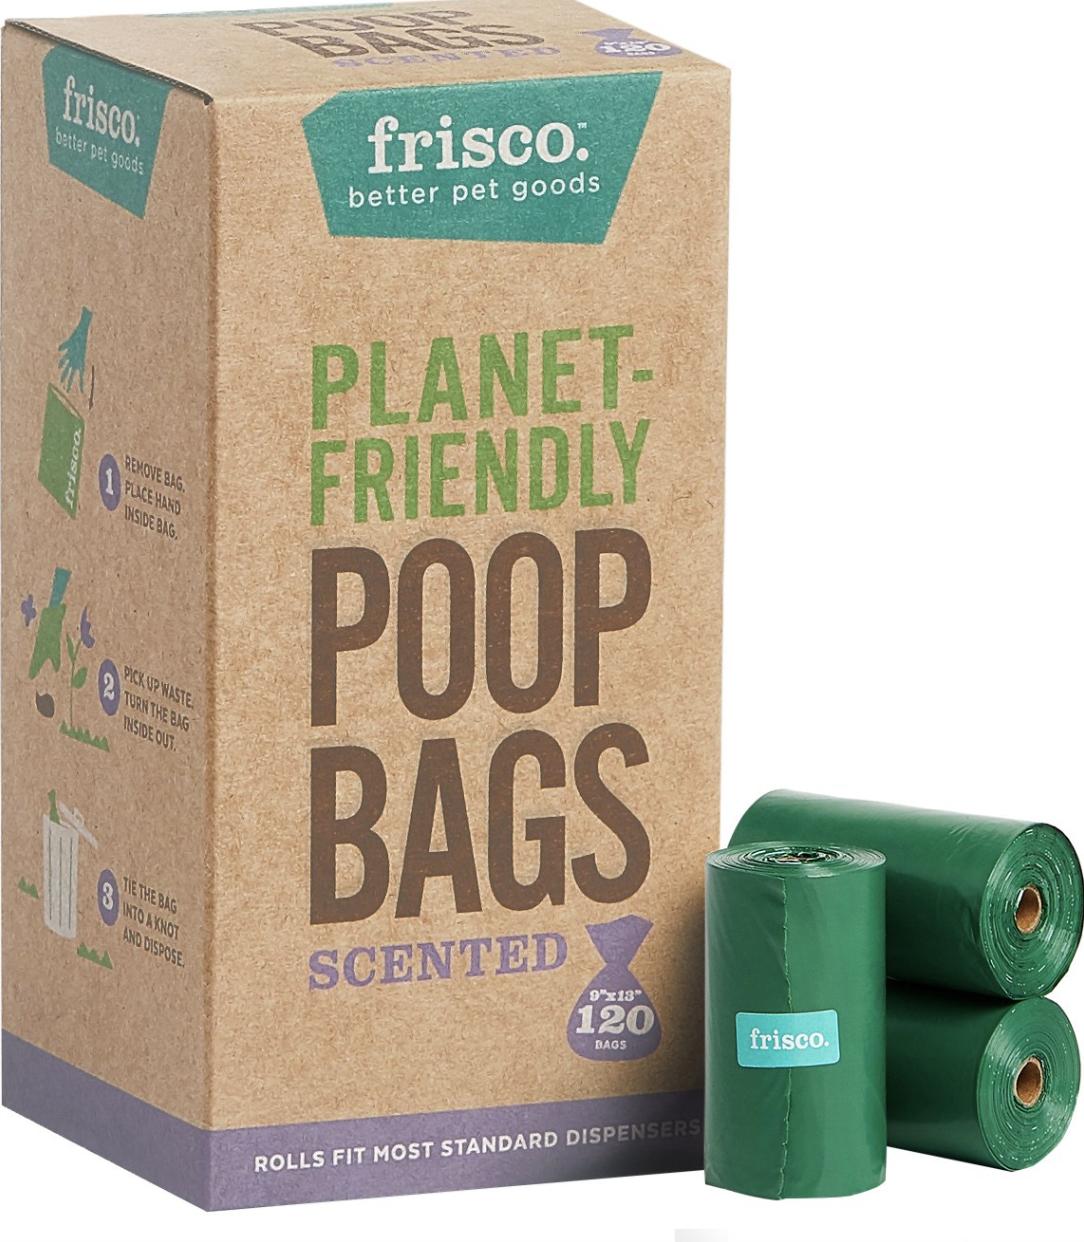 Bag of scented poop bags in green